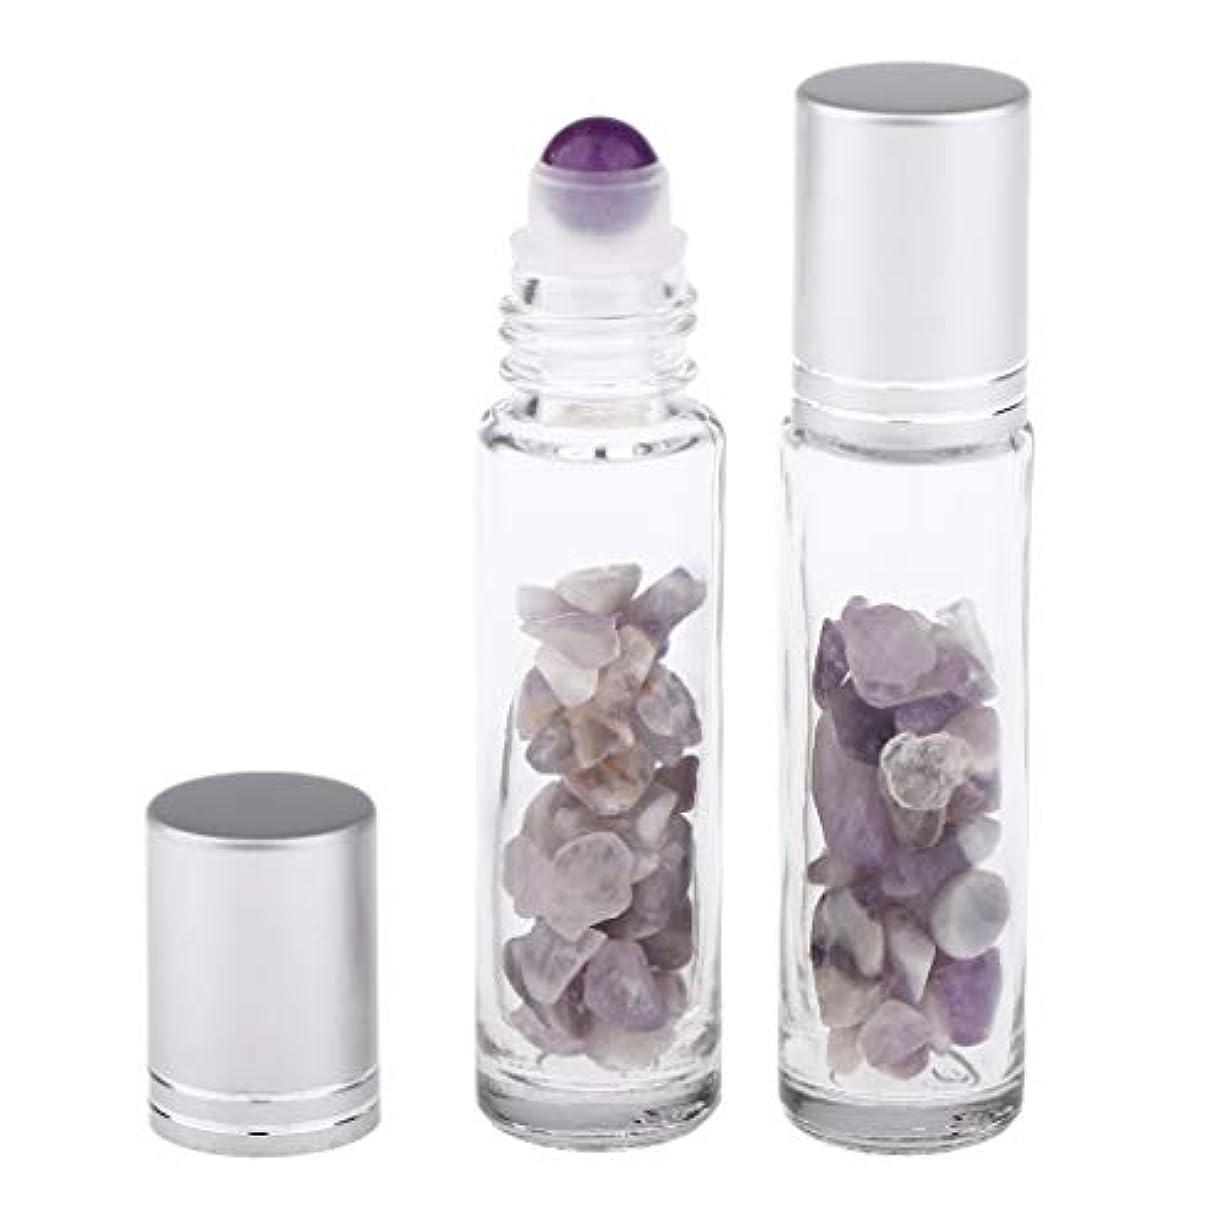 反発ディーラー学校教育Hellery 10ml ガラスボトル 香水ボトル 精油瓶 アトマイザー 詰替え ロールオンボトル 天然石 2個 - アメジスト